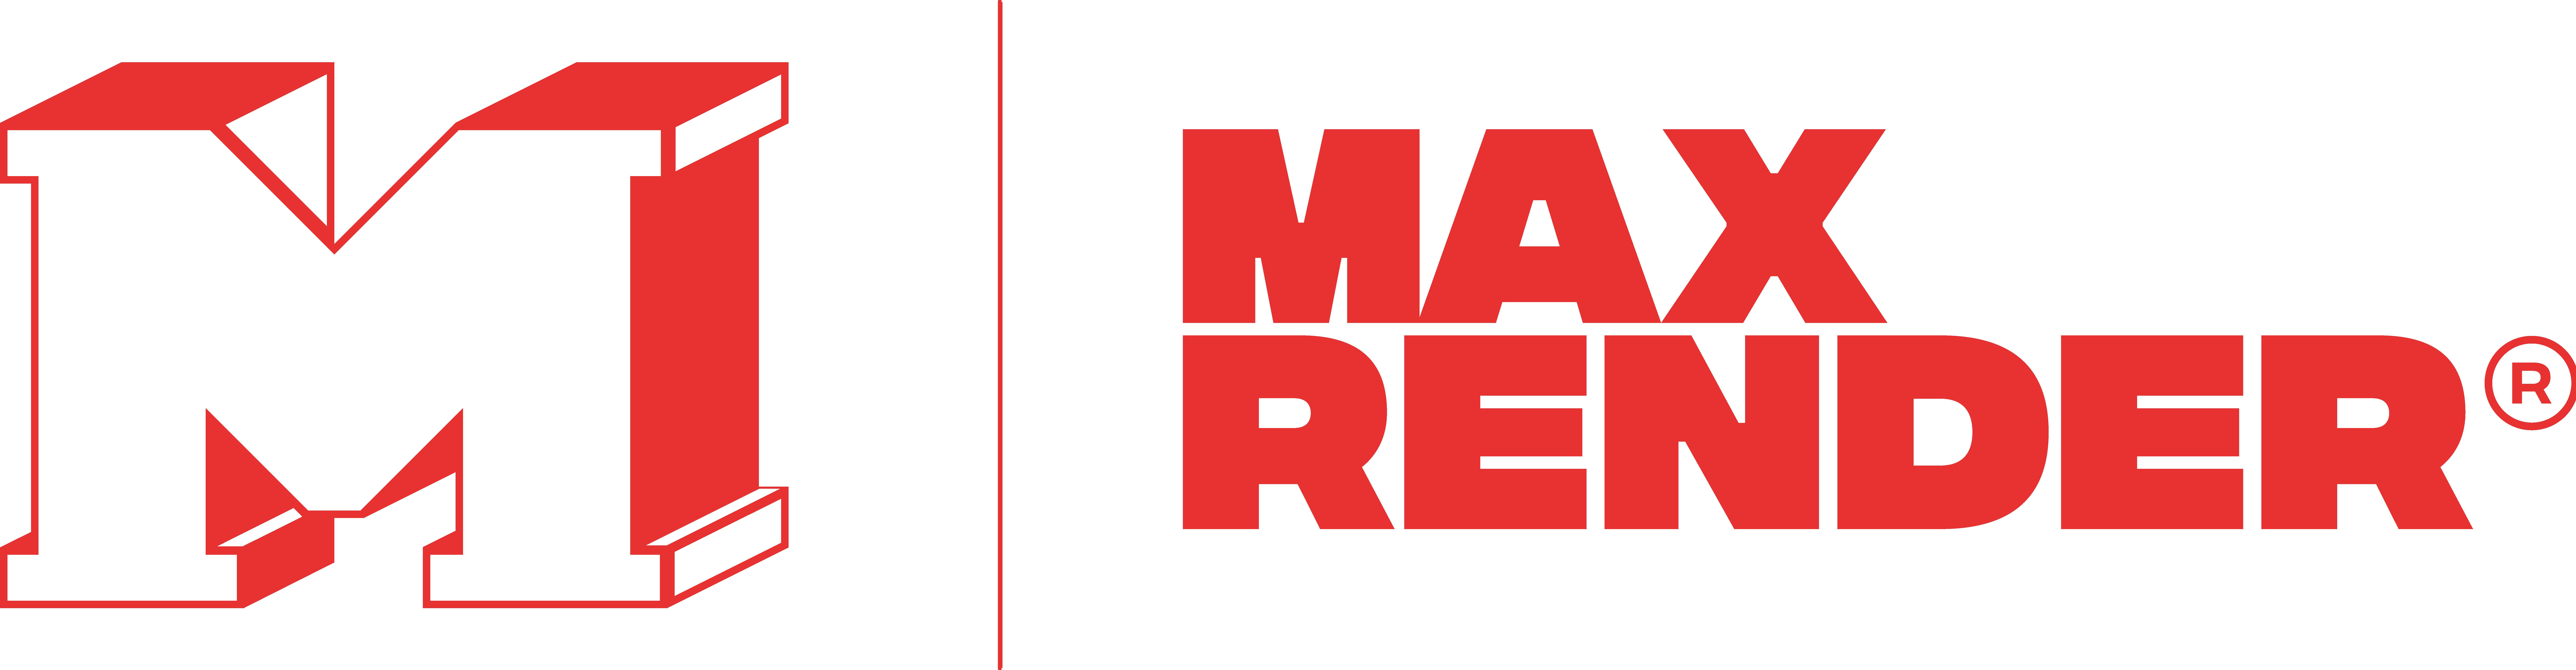 logomarca MaxRender vermelha